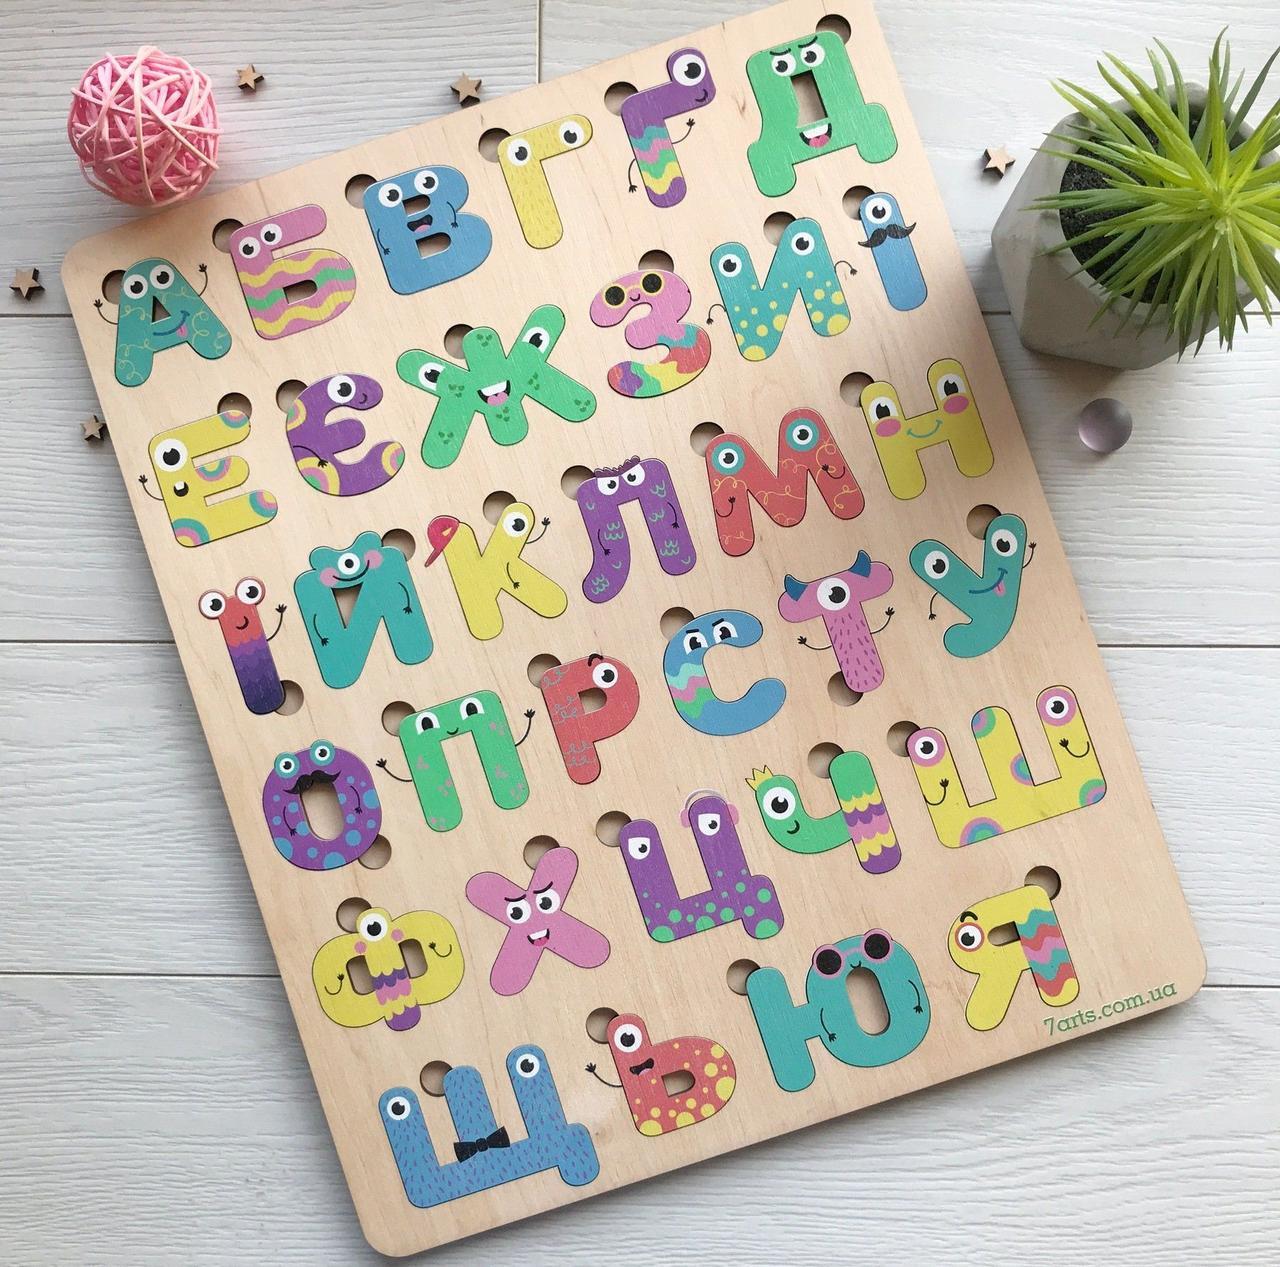 Дерев'яний алфавіт кольоровий, українська абетка різнокольорова, пазл Алфавіт для дітей